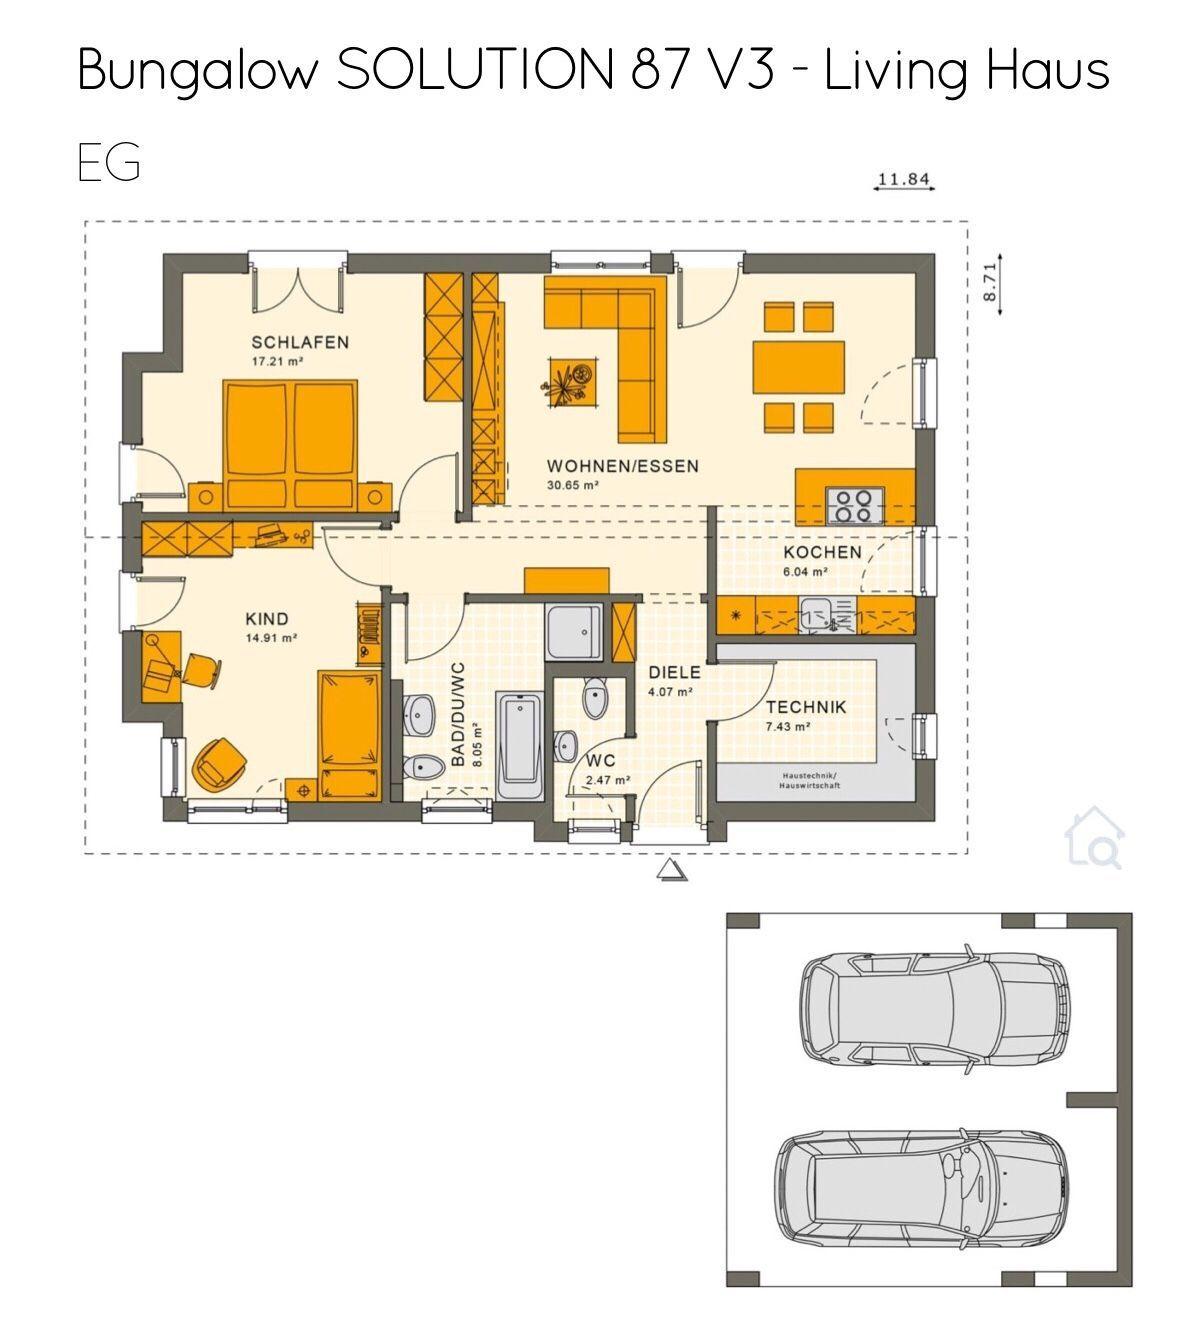 Grundriss Bungalow Haus Mit Carport Garage Satteldach Architektur 3 Zimmer Ca 90 Qm Ebenerdig Barrie Grundriss Bungalow Fertighaus Bungalow Living Haus